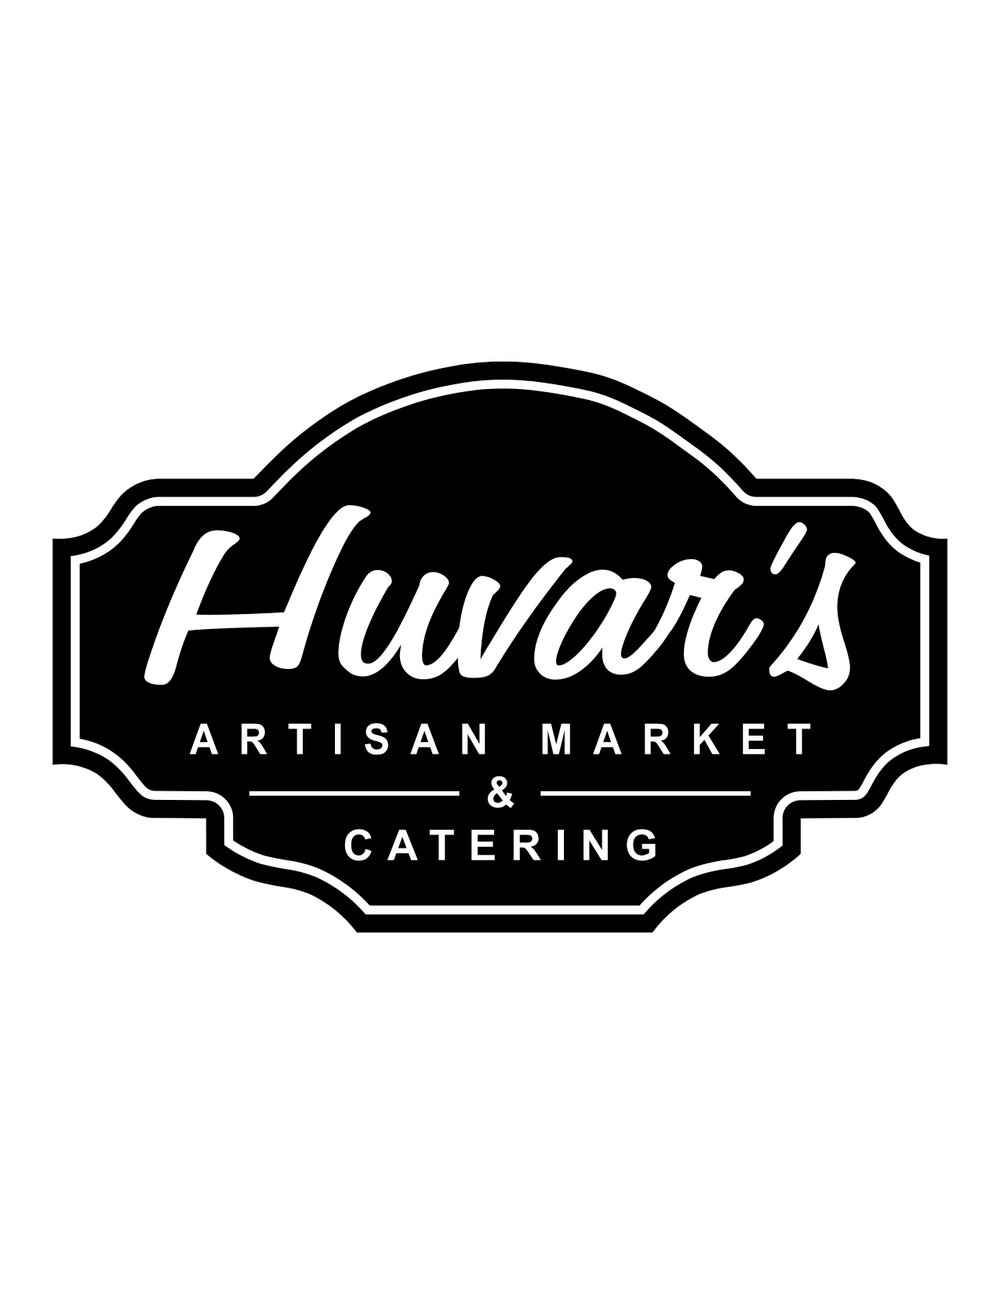 Huvars Logo (W-B) 11-15-10 copy.jpg